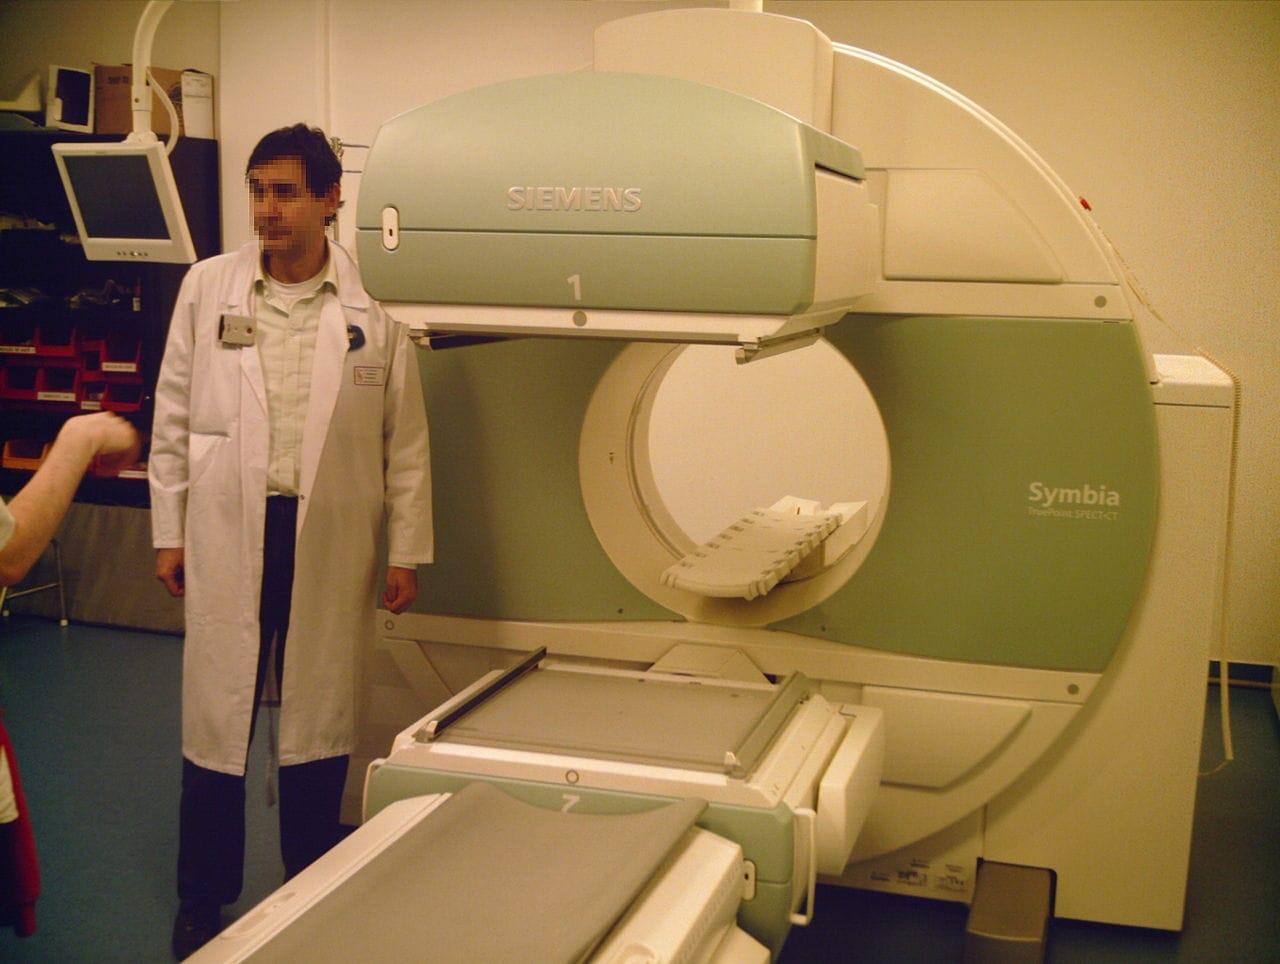 Метод диагностики и контроля болезни Паркинсона может оказаться неточным